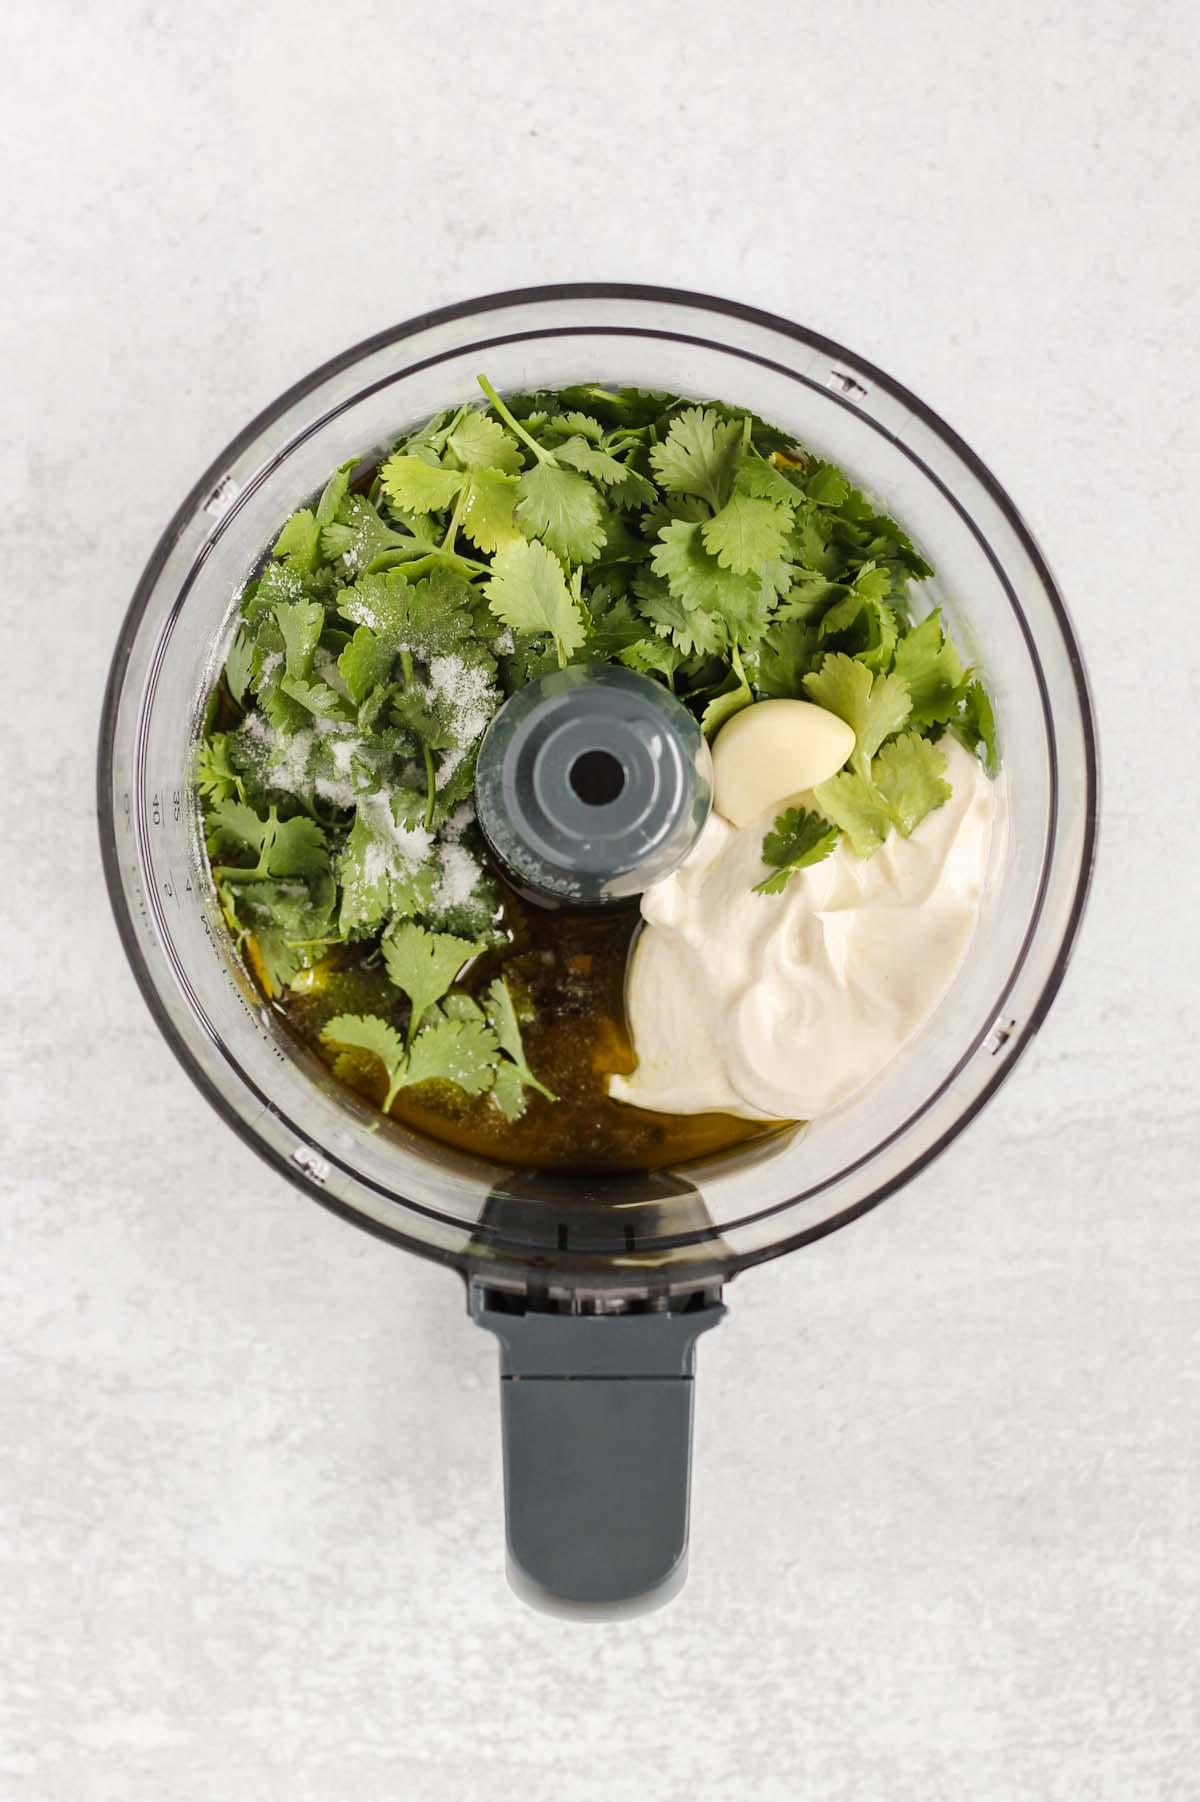 Yogurt, garlic, cilantro, salt, and olive oil in a food processor.